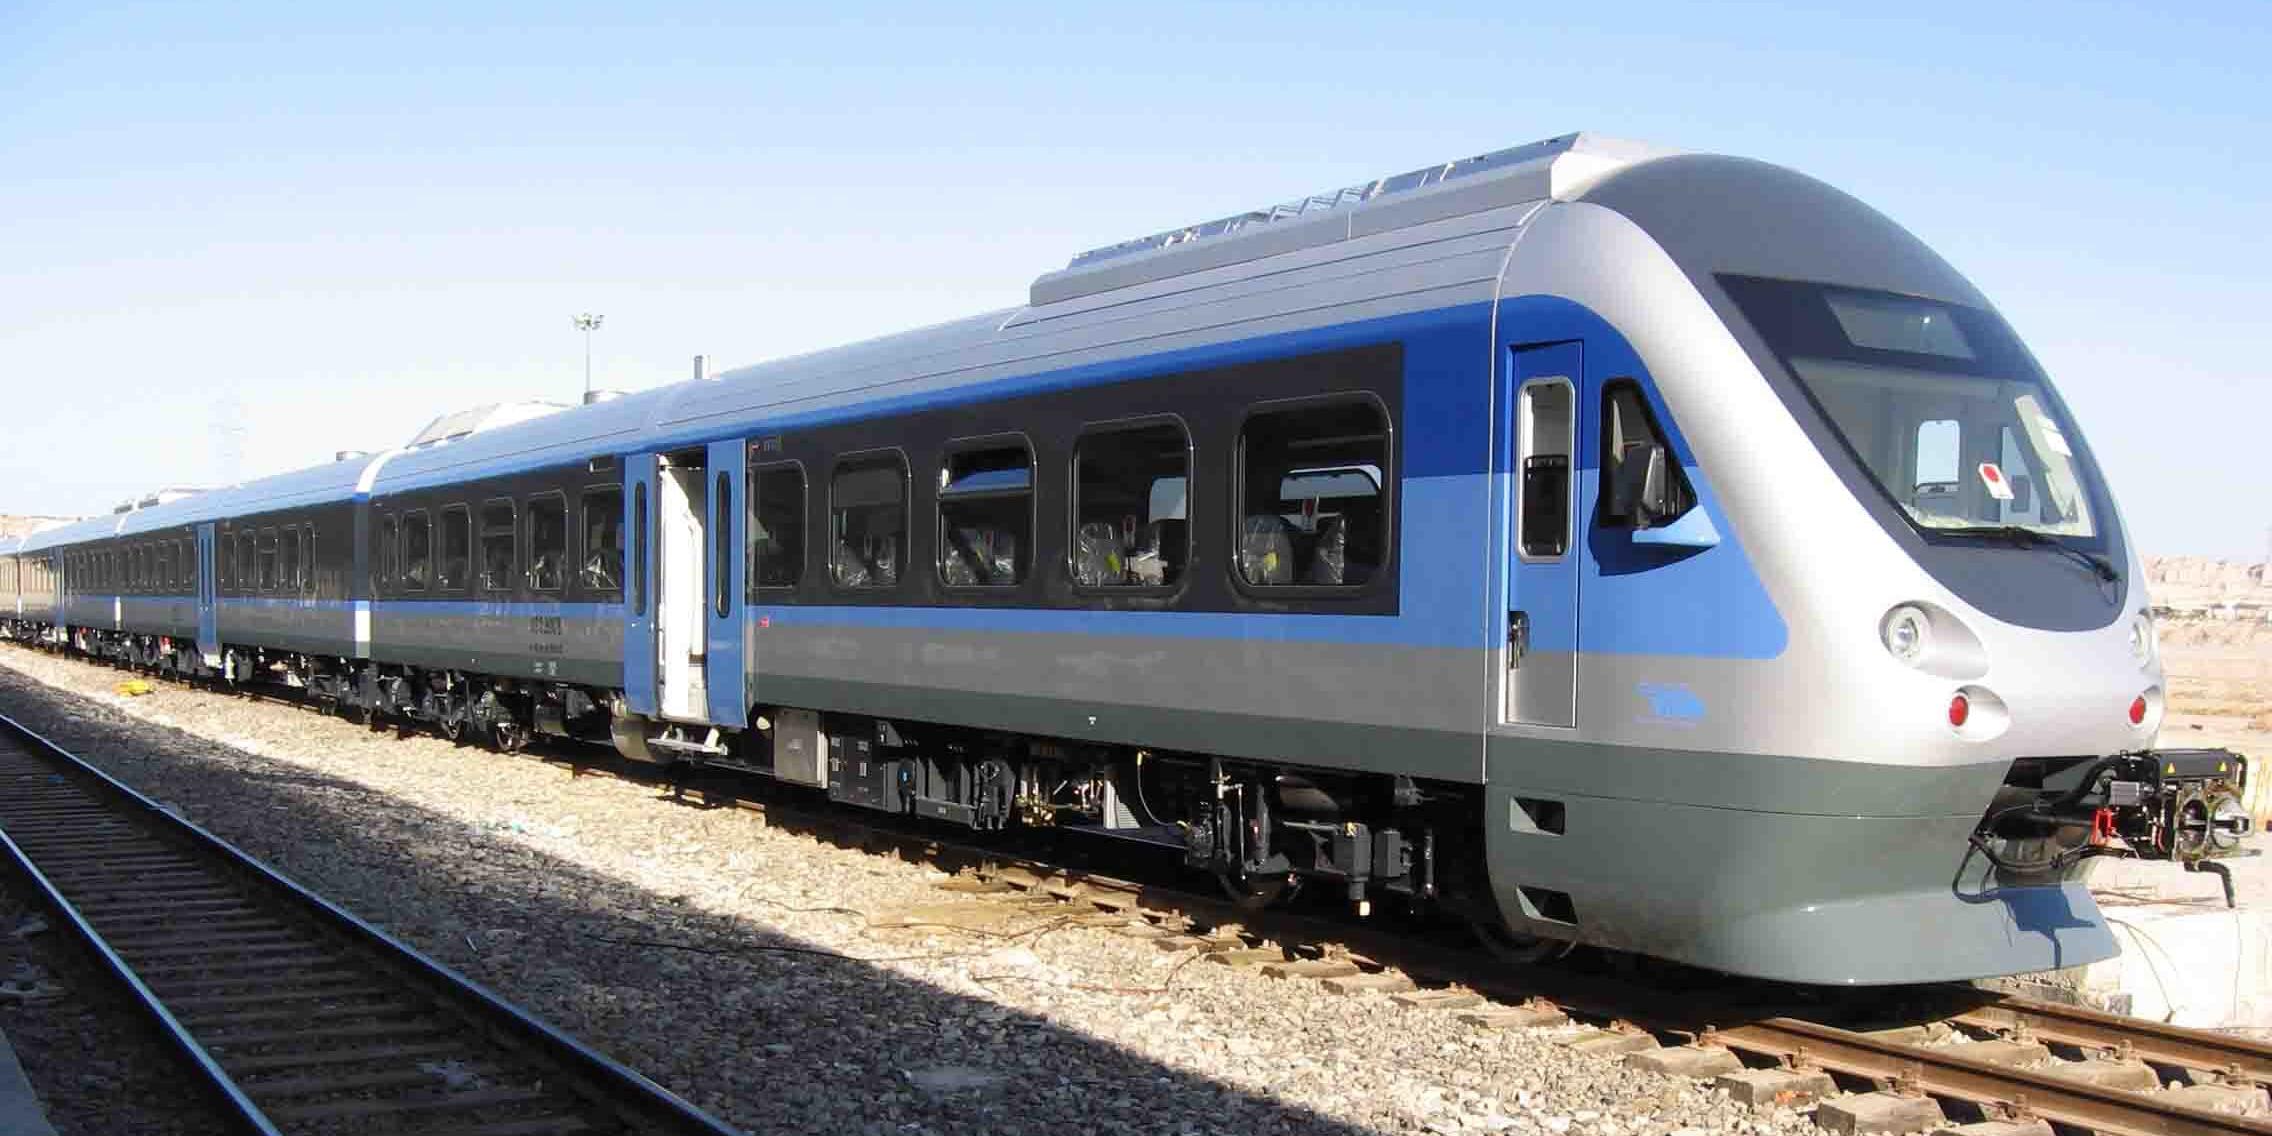 بهرهبرداری از راه آهن کرمانشاه پس از ۲۷ سال با حضور رئیس جمهور